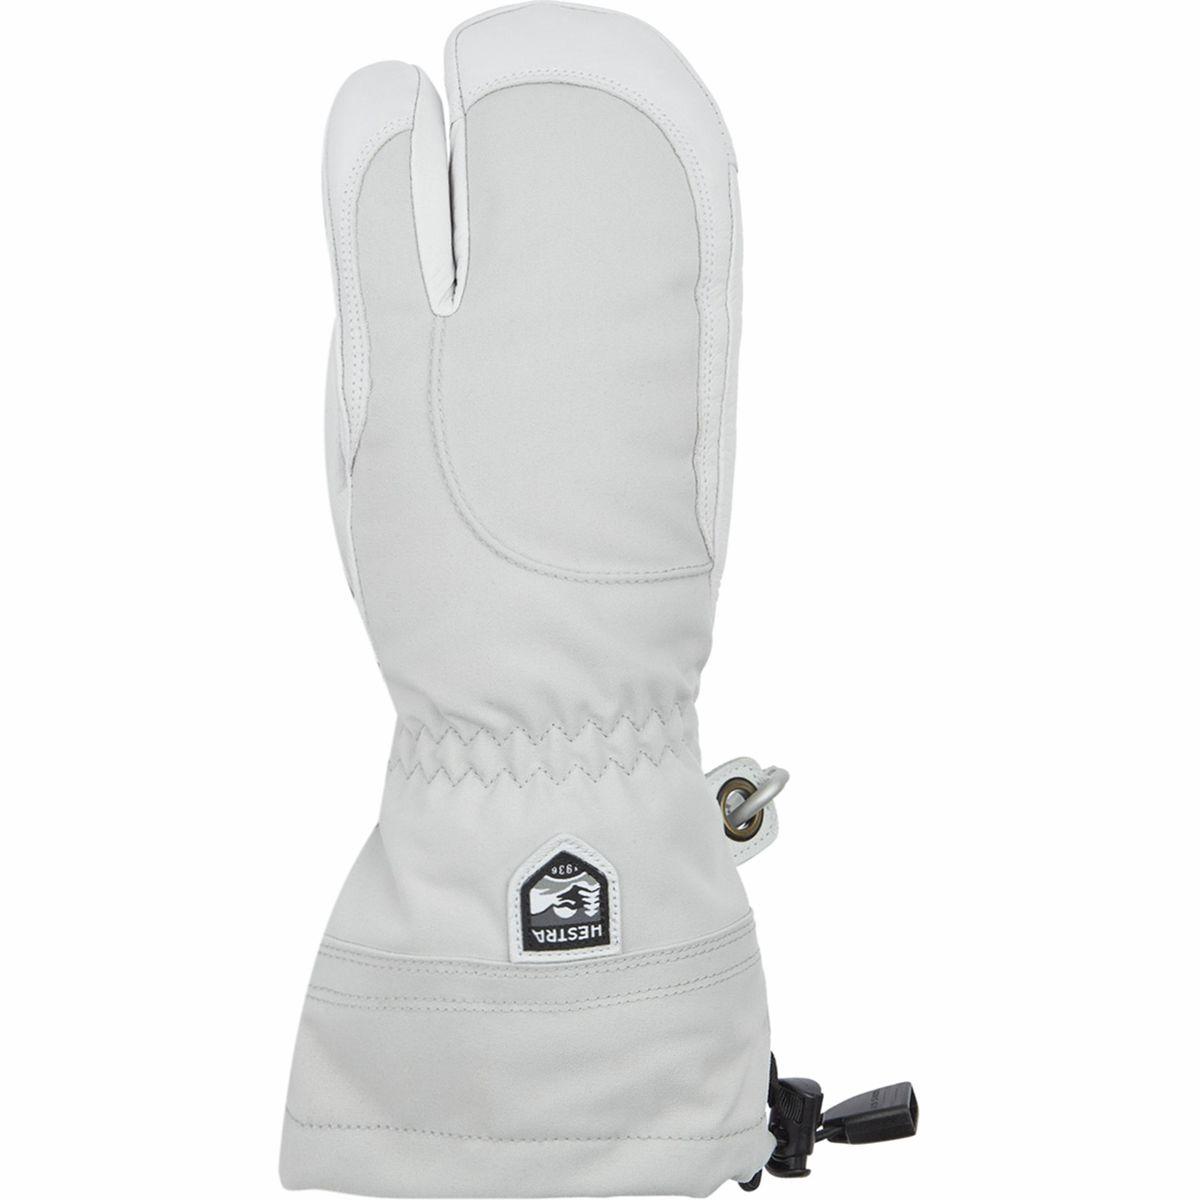 Hestra Heli 3-Finger Glove